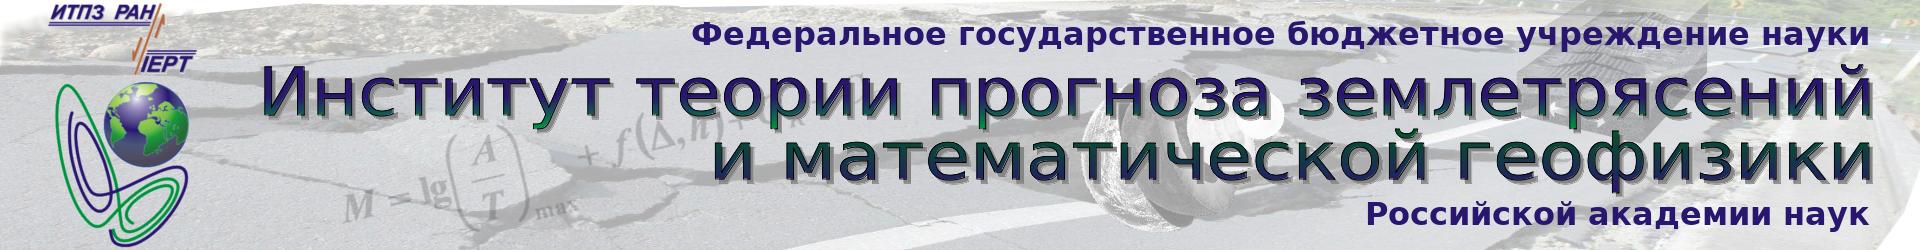 ИТПЗ РАН